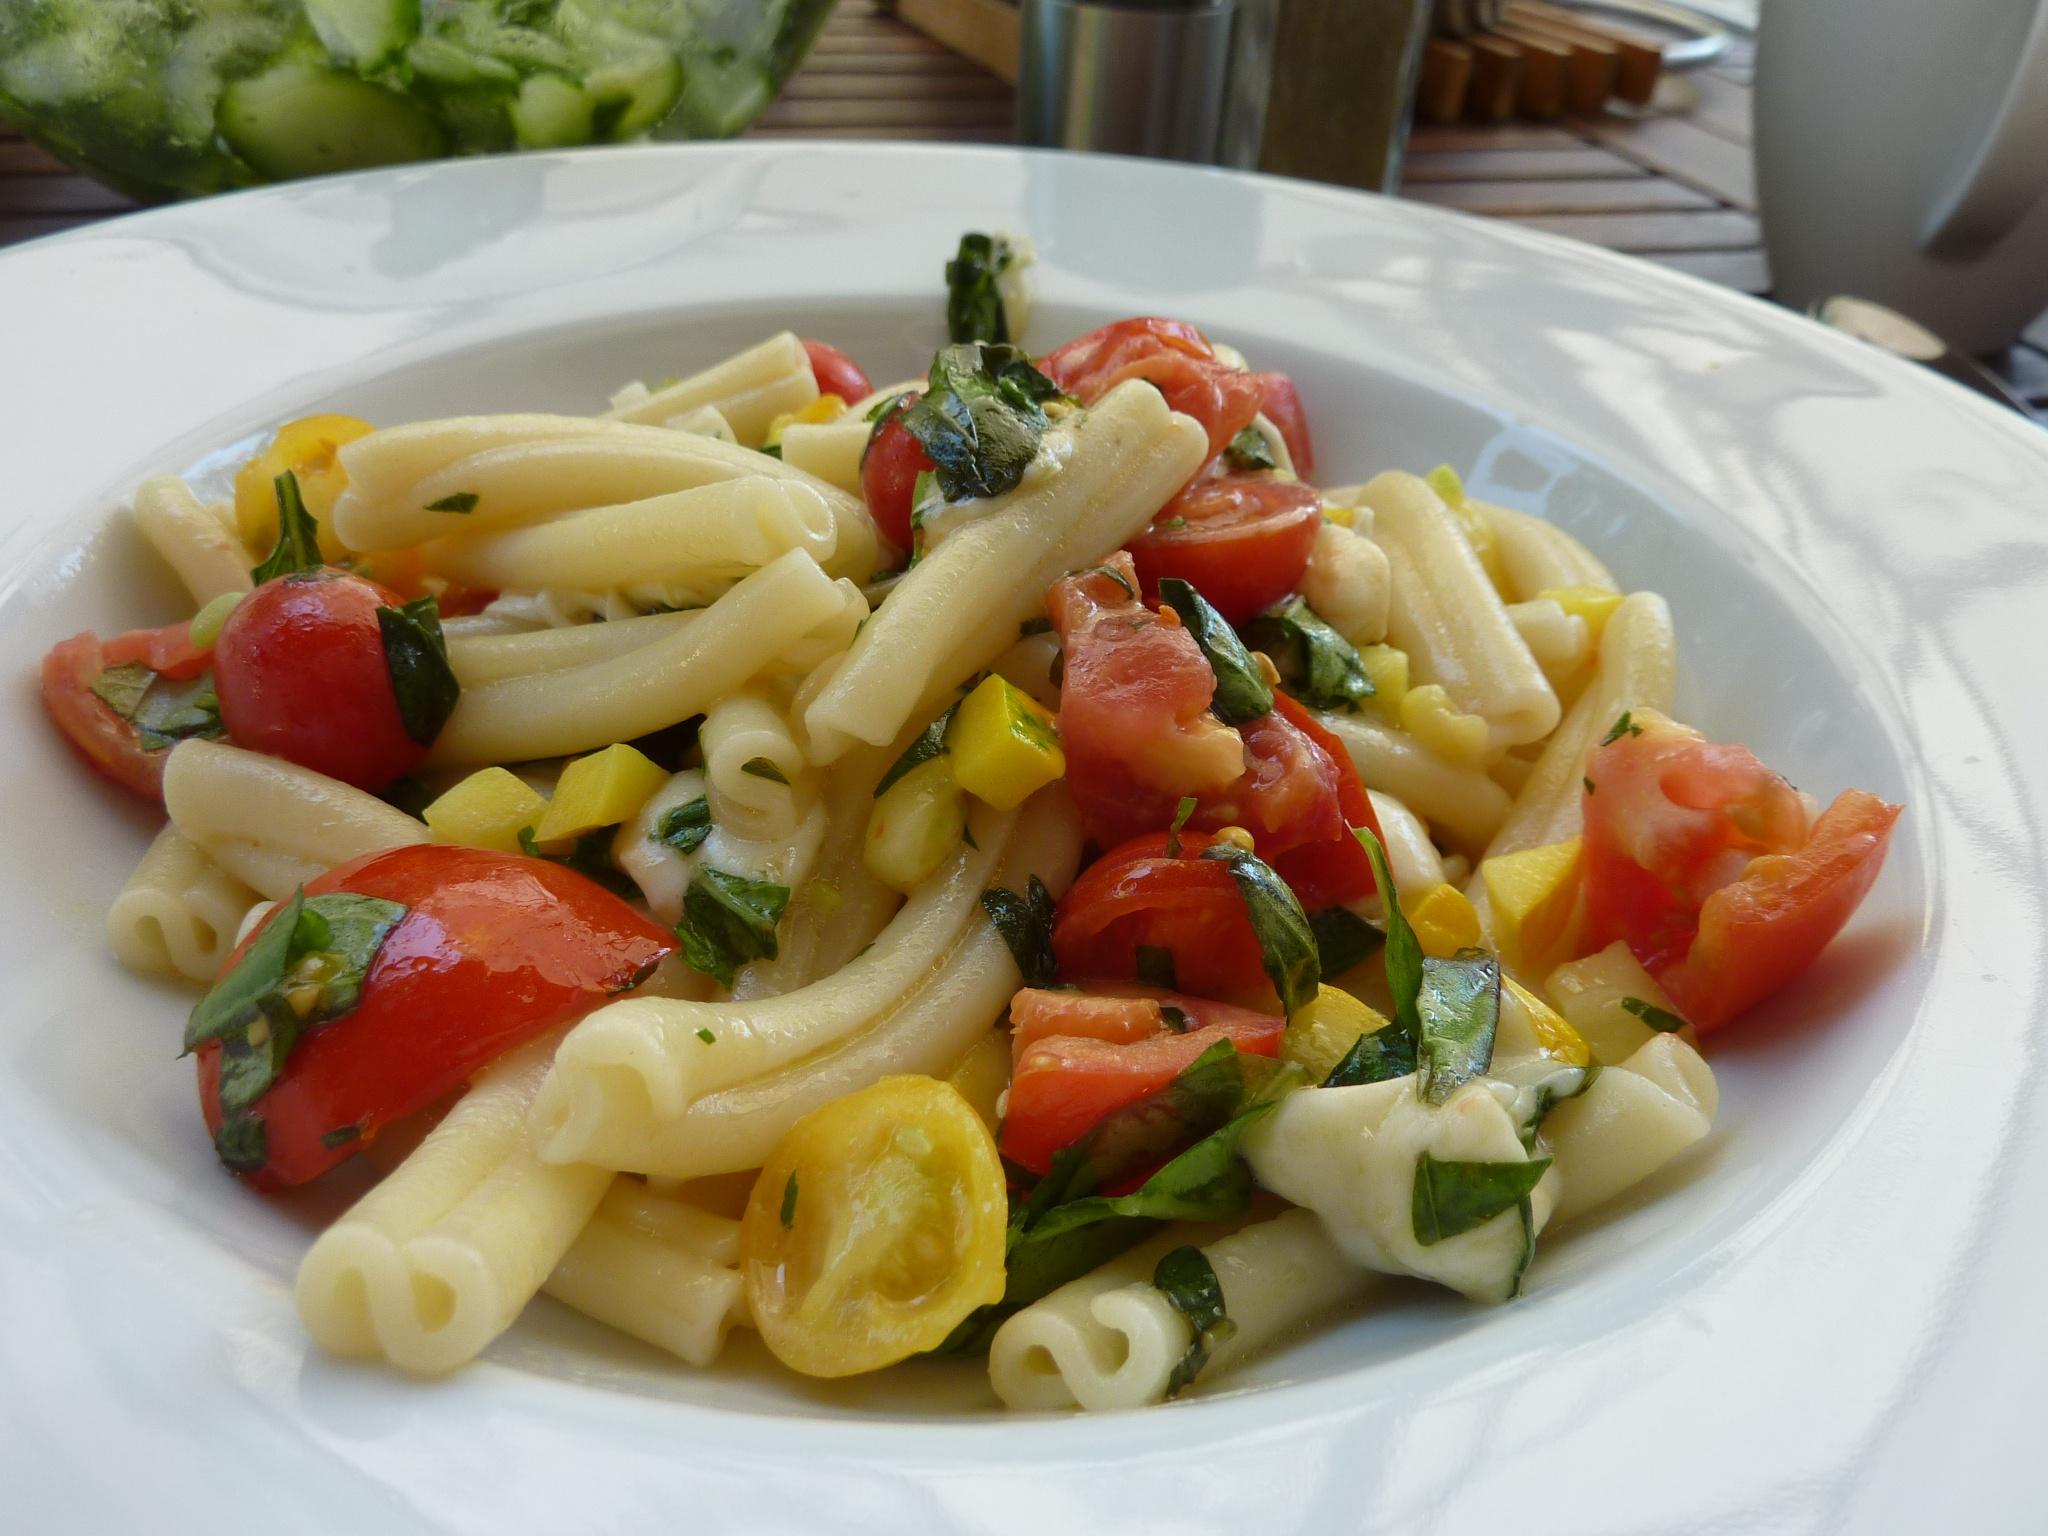 Nudeln mit Zucchini, Tomate, Mozarella